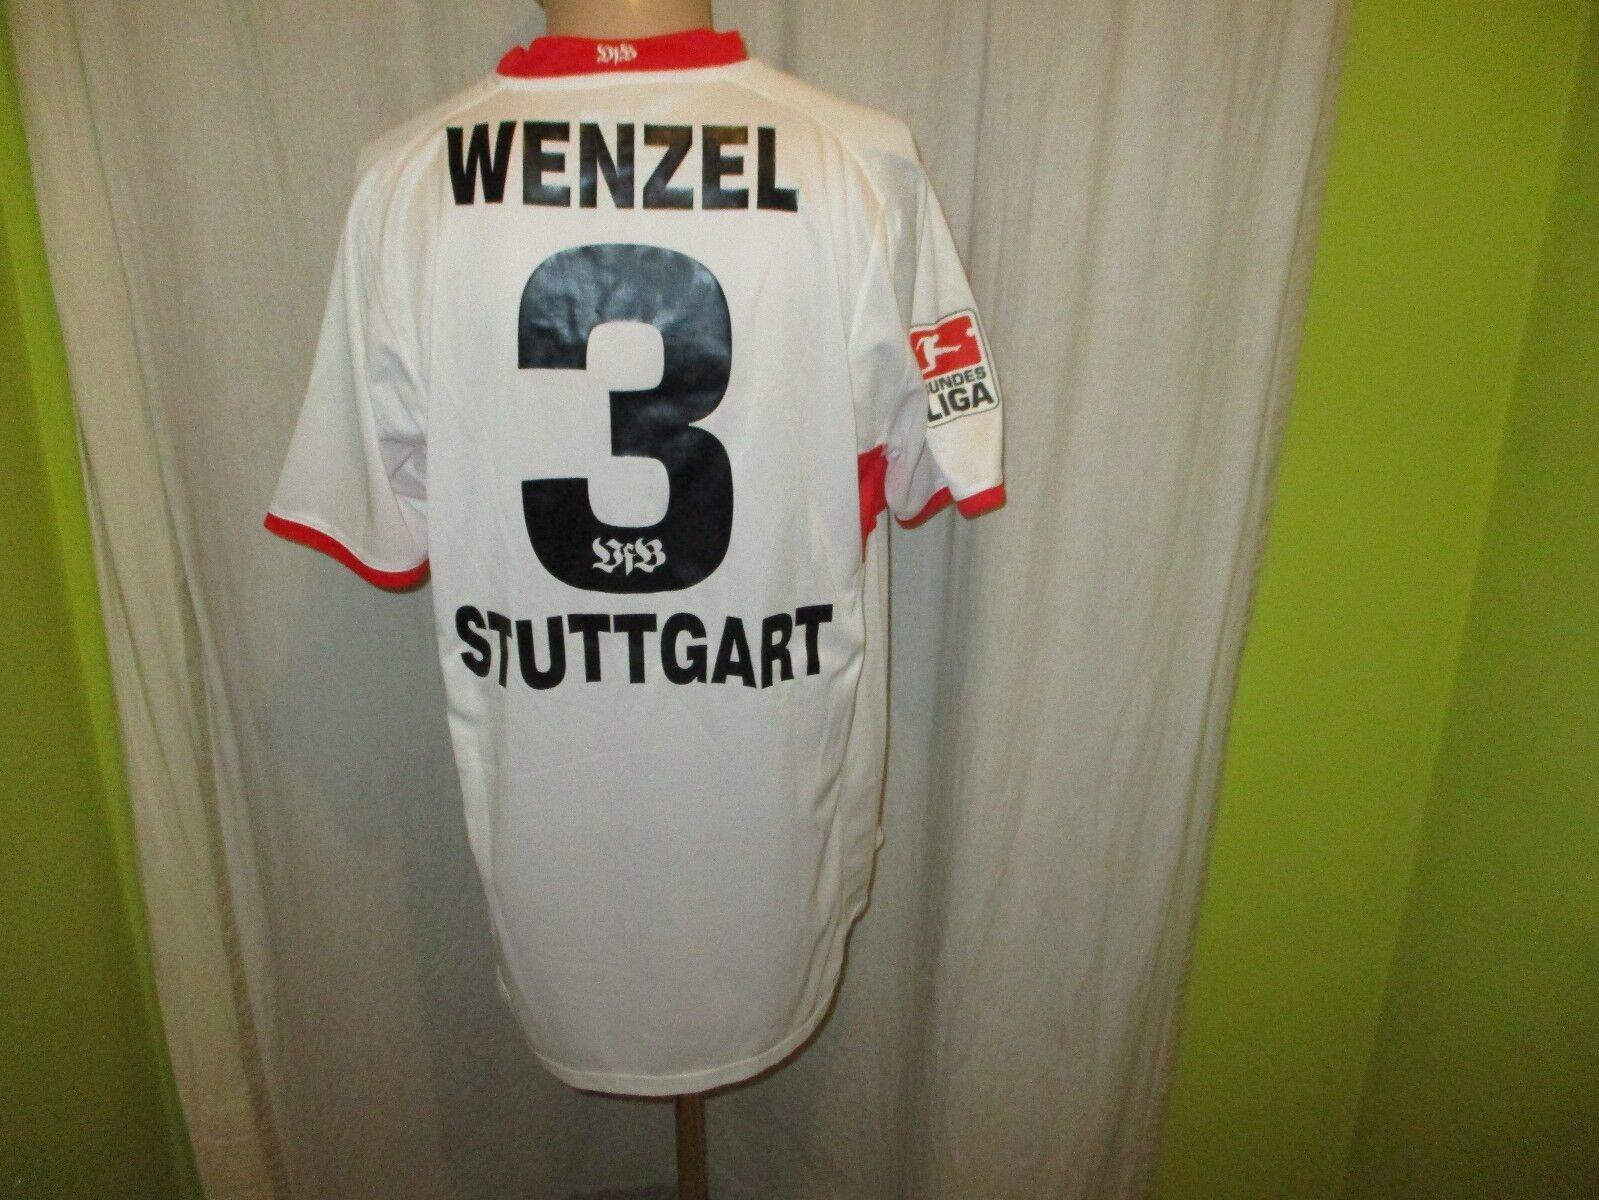 VfB Stuttgart Puma Heim Trikot 2003 04  debitel  + Nr.3 Wenzel Gr.XL Neu  | Deutschland München